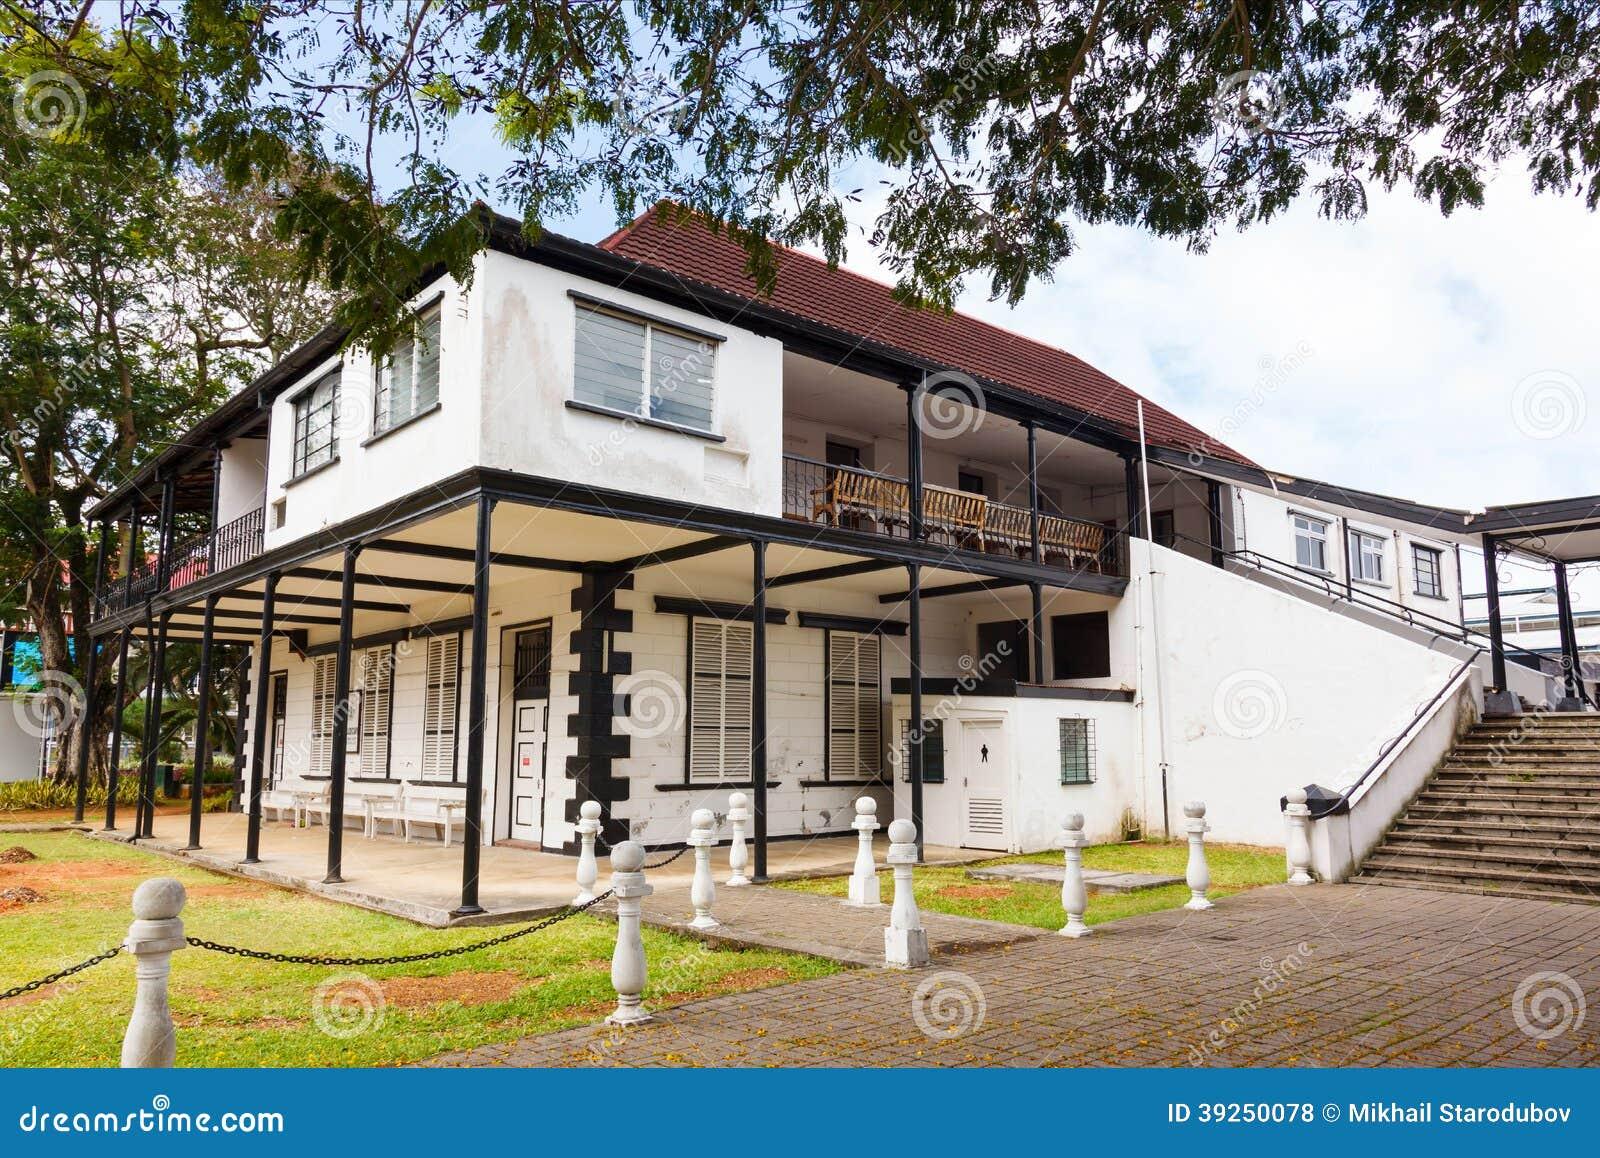 Casa Y Terraza En El Estilo Colonial Foto De Archivo